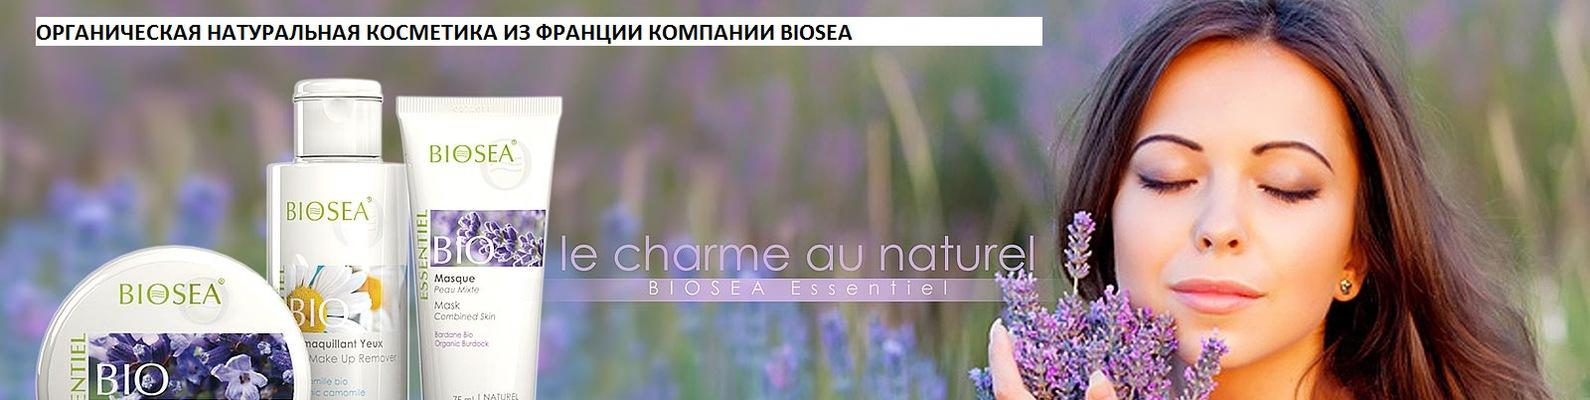 Натуральная косметика биоси